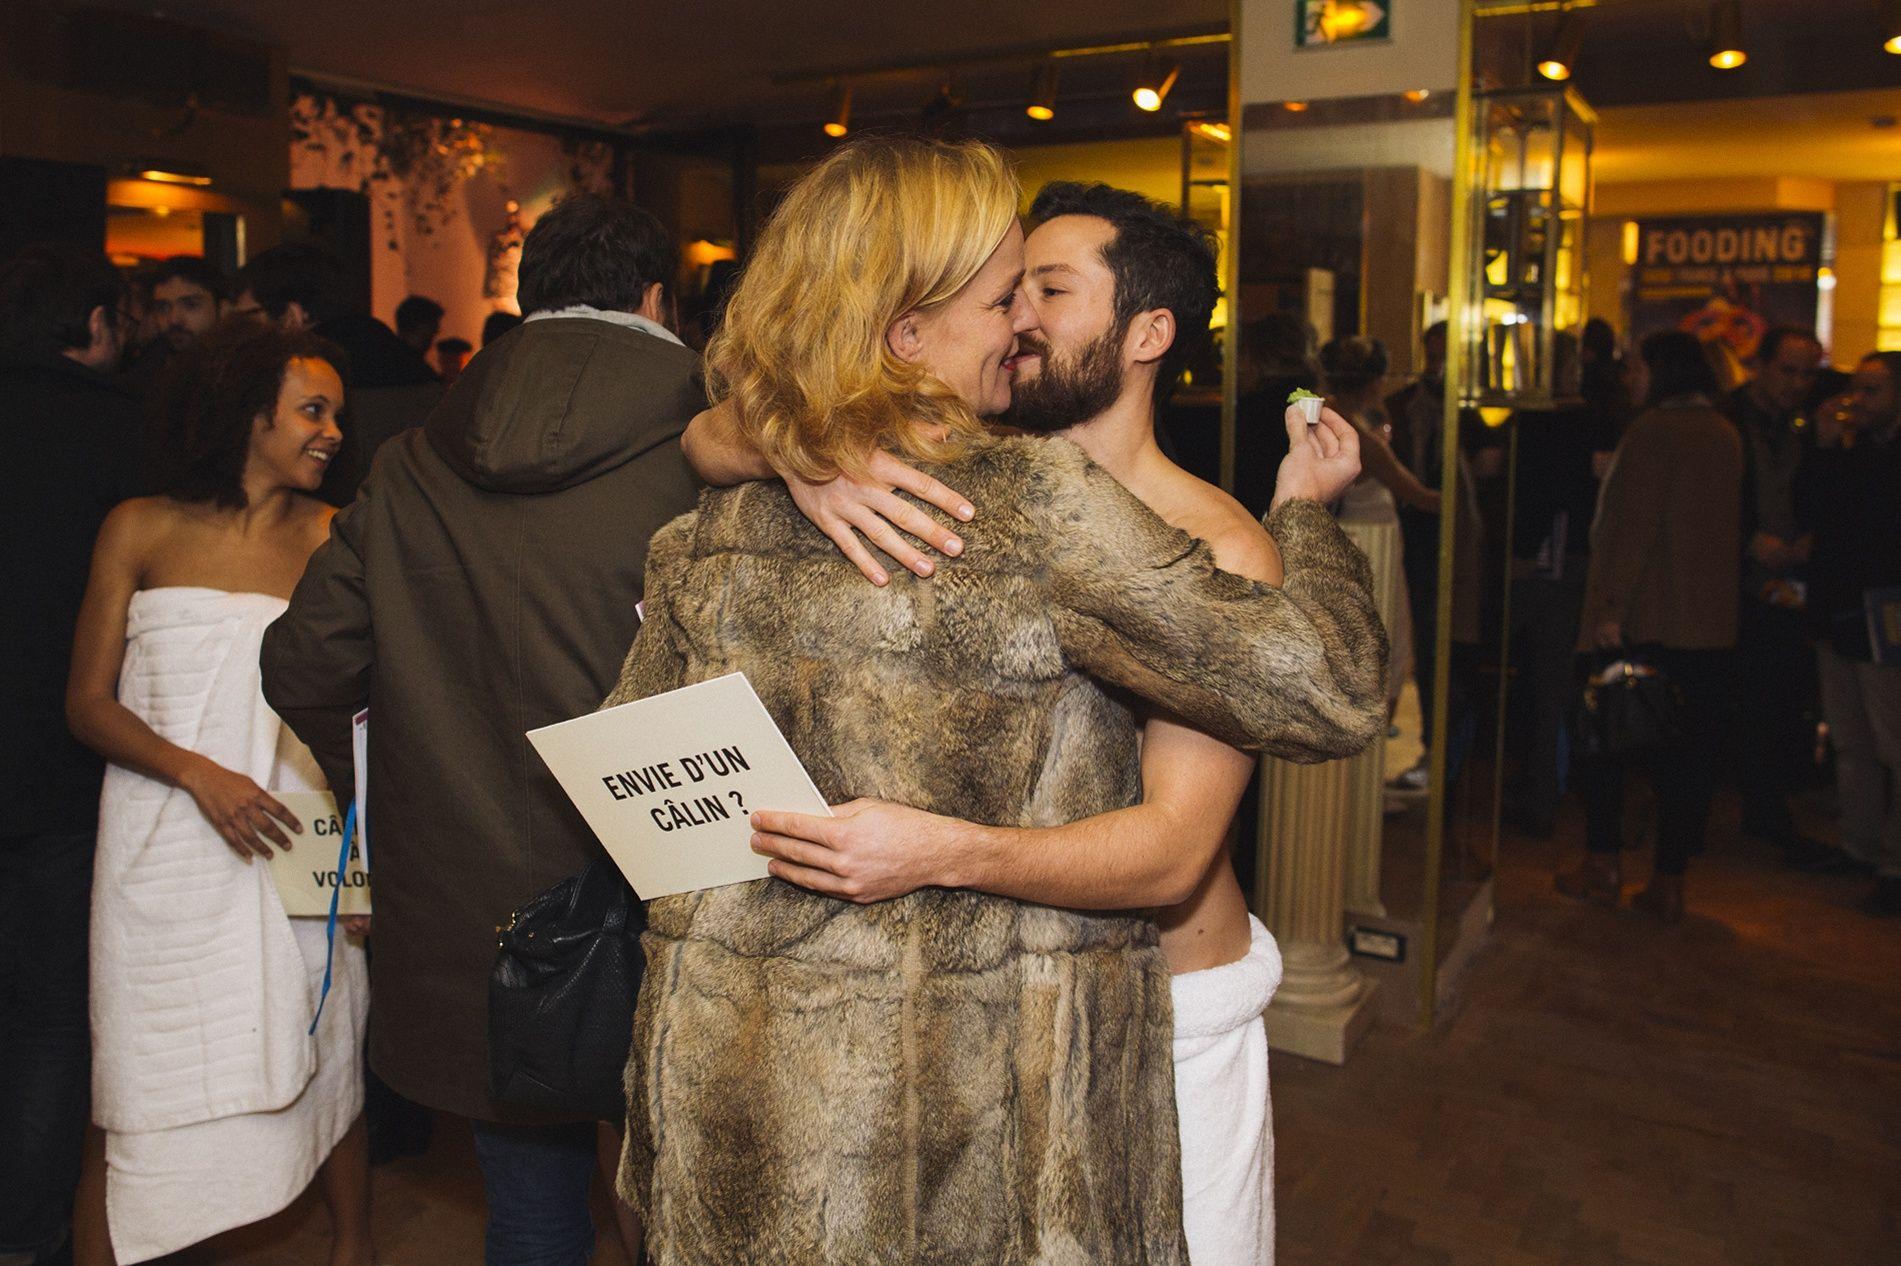 Lancement du fooding 2016 l 39 h tel grand amour - Hotel grand amour paris ...